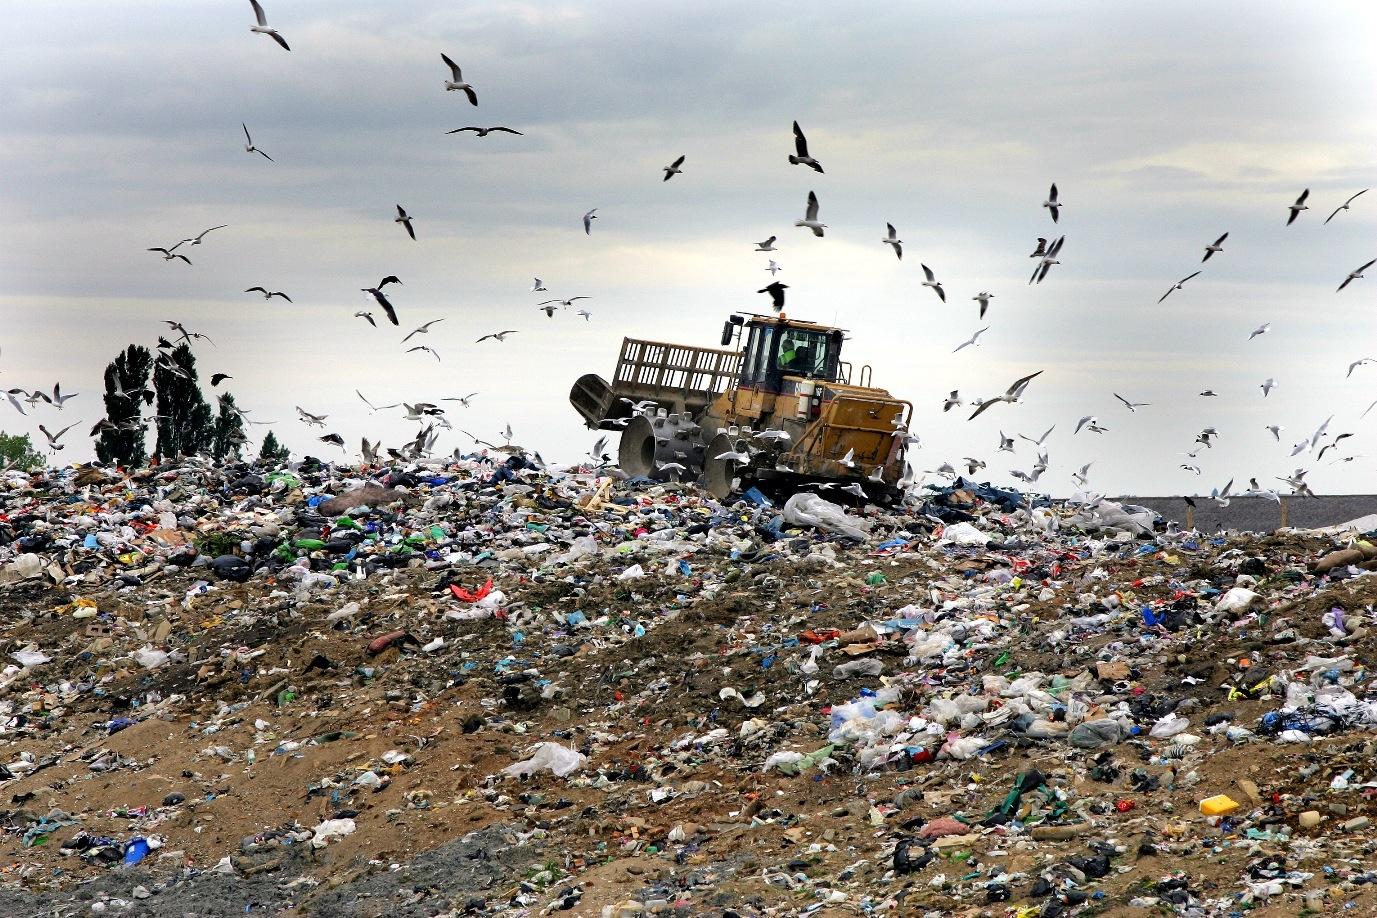 До 11% намерены довести долю переработки и утилизации ТБО в Казахстане